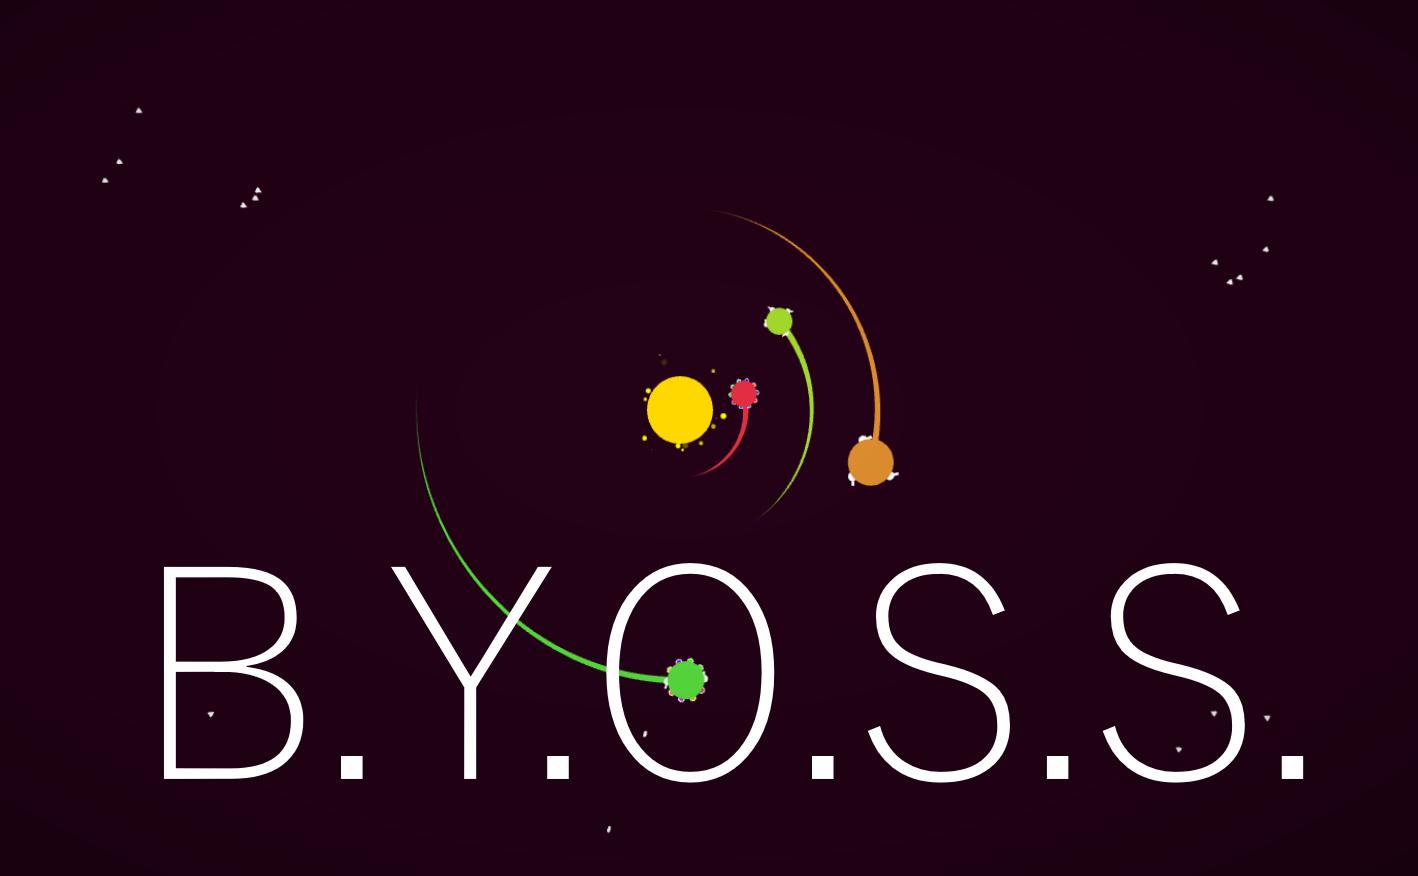 B.Y.O.S.S